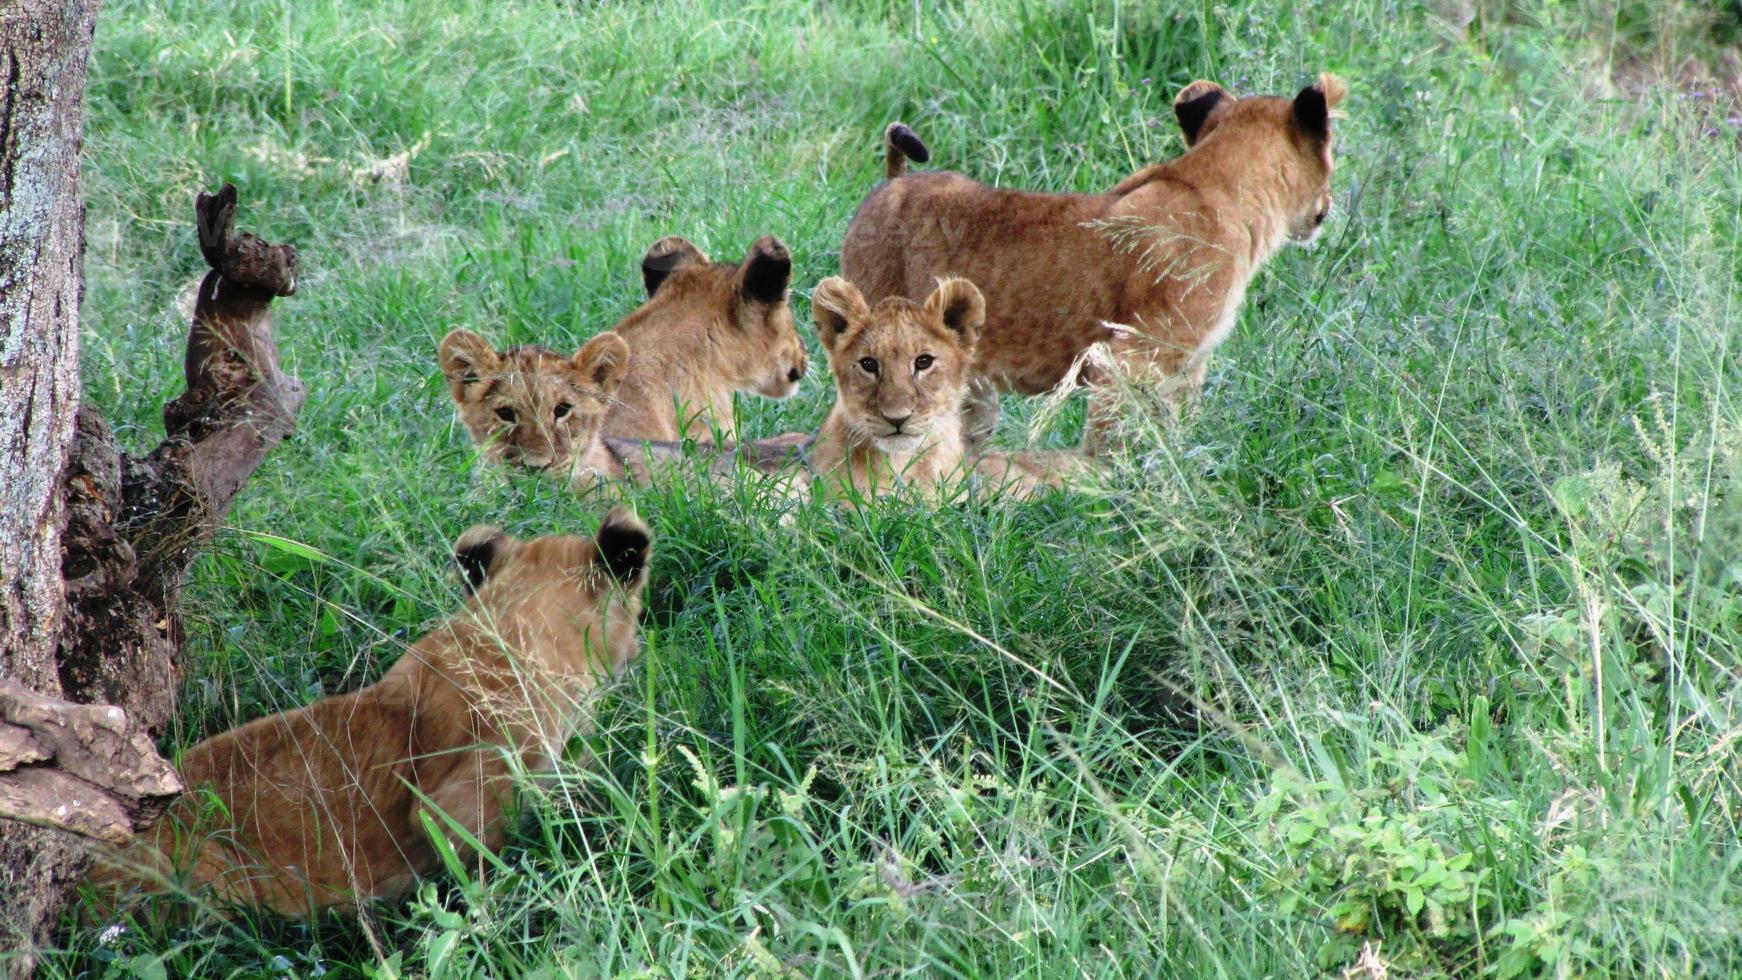 animais em estado selvagem, reserva nacional de masai mara, quênia foto